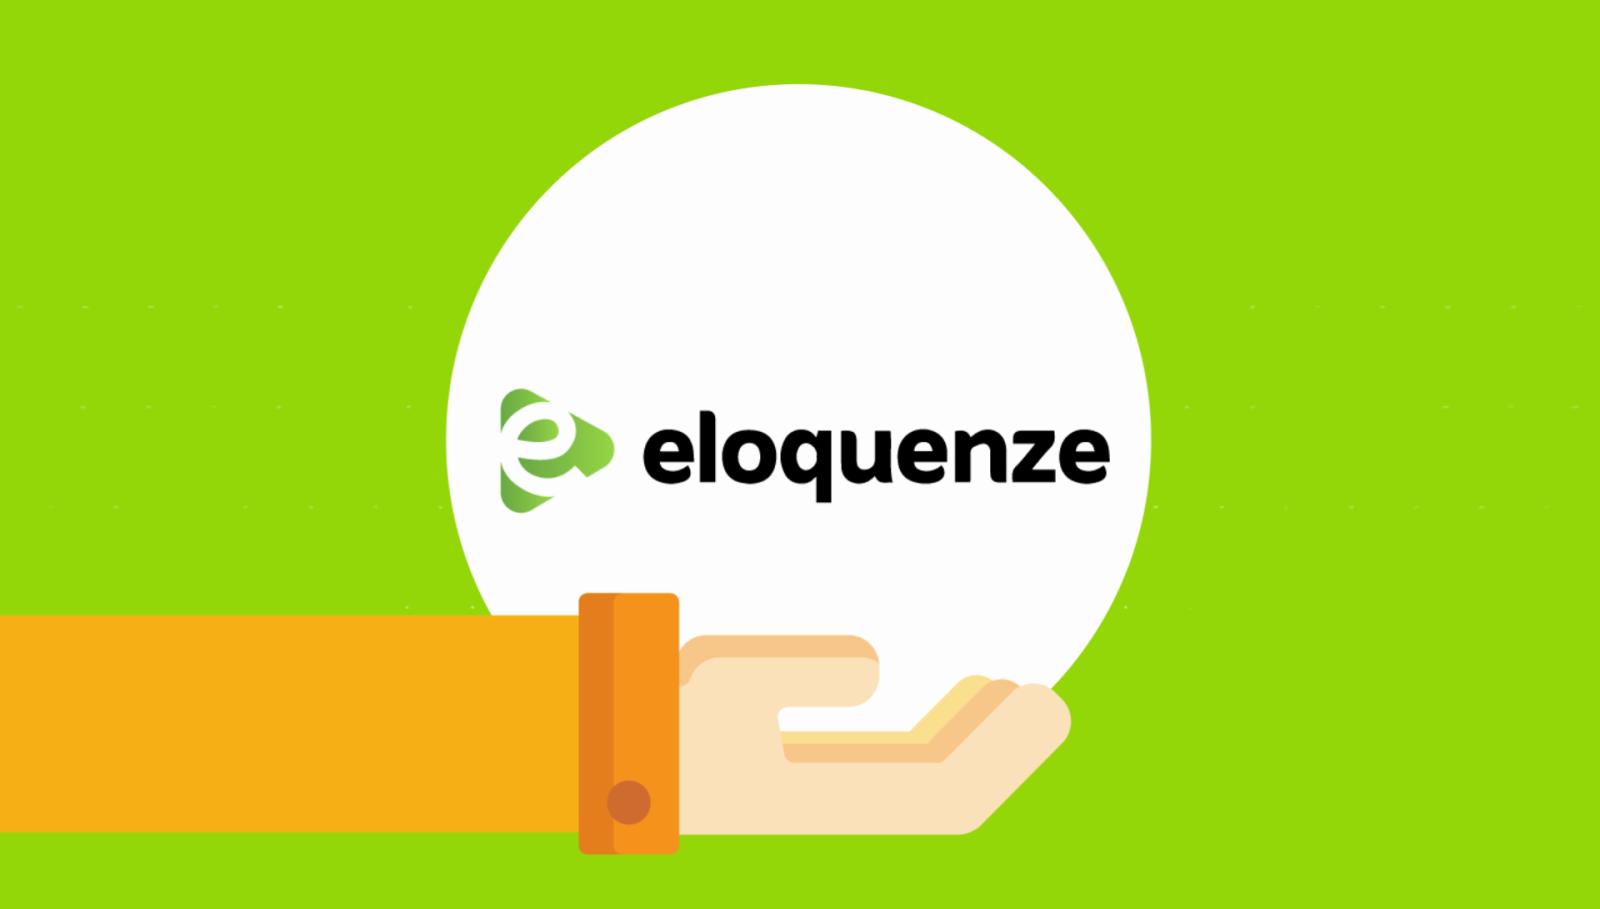 Eloquenze, startup acelerada por Impulsa Visión RTVE. Es una plataforma de producción de canales de radio online